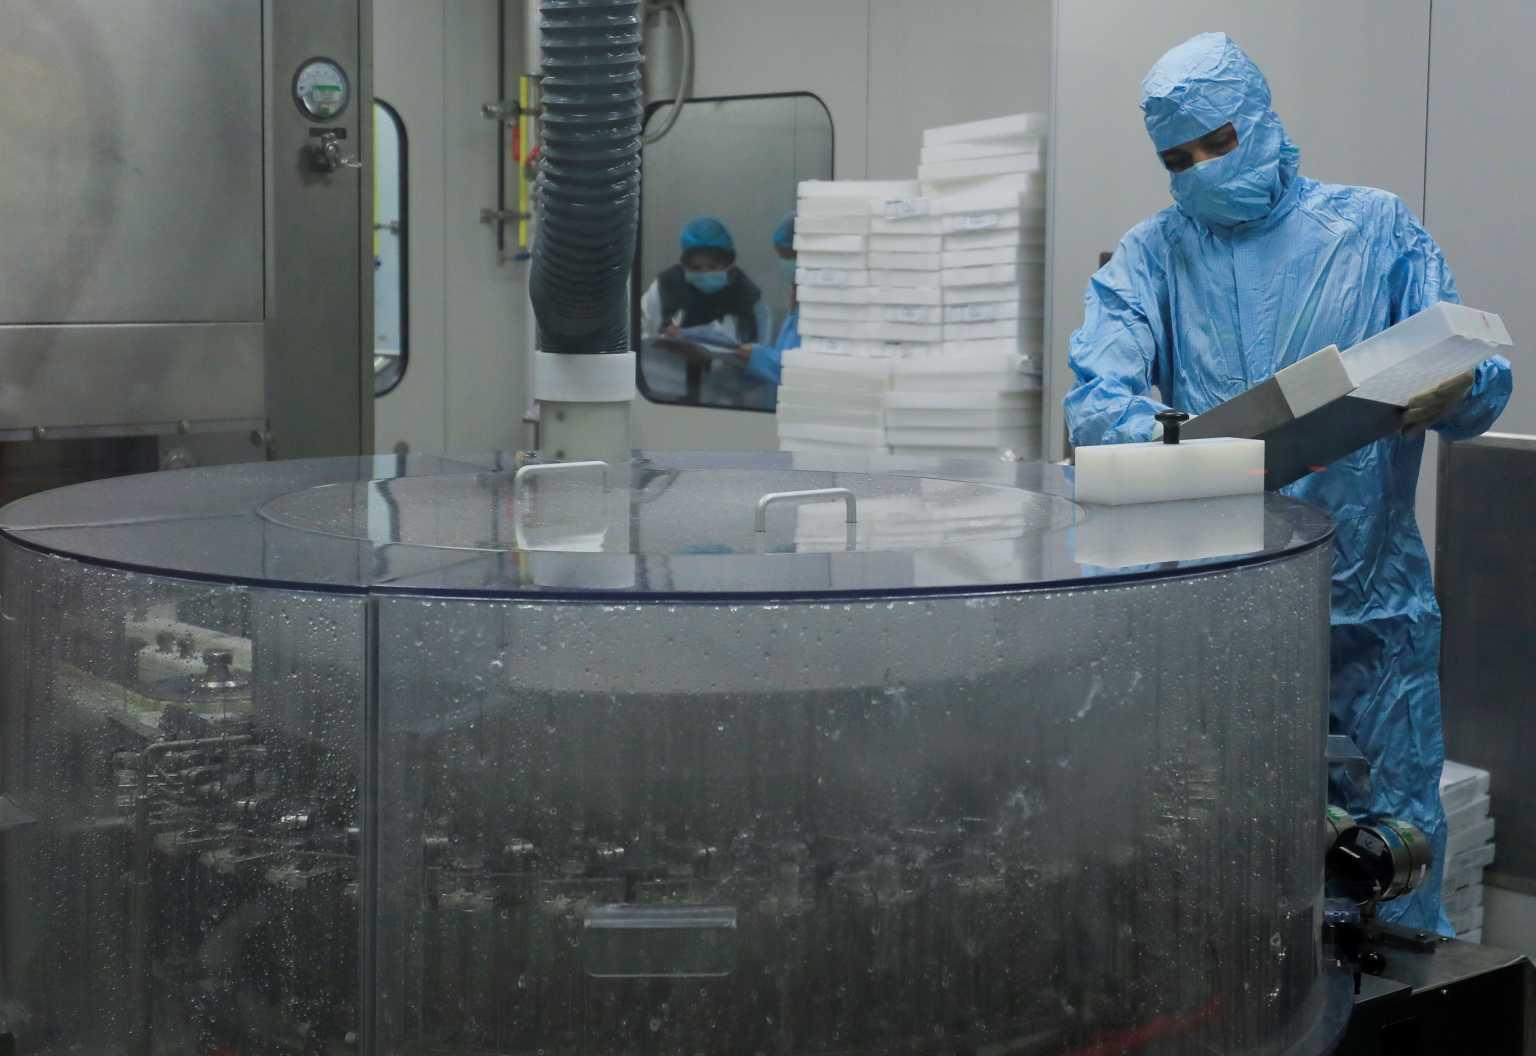 ΗΠΑ – κορονοϊός: Τουλάχιστον 15 εκατομμύρια δόσεις εμβολίων έχουν πεταχθεί στα σκουπίδια